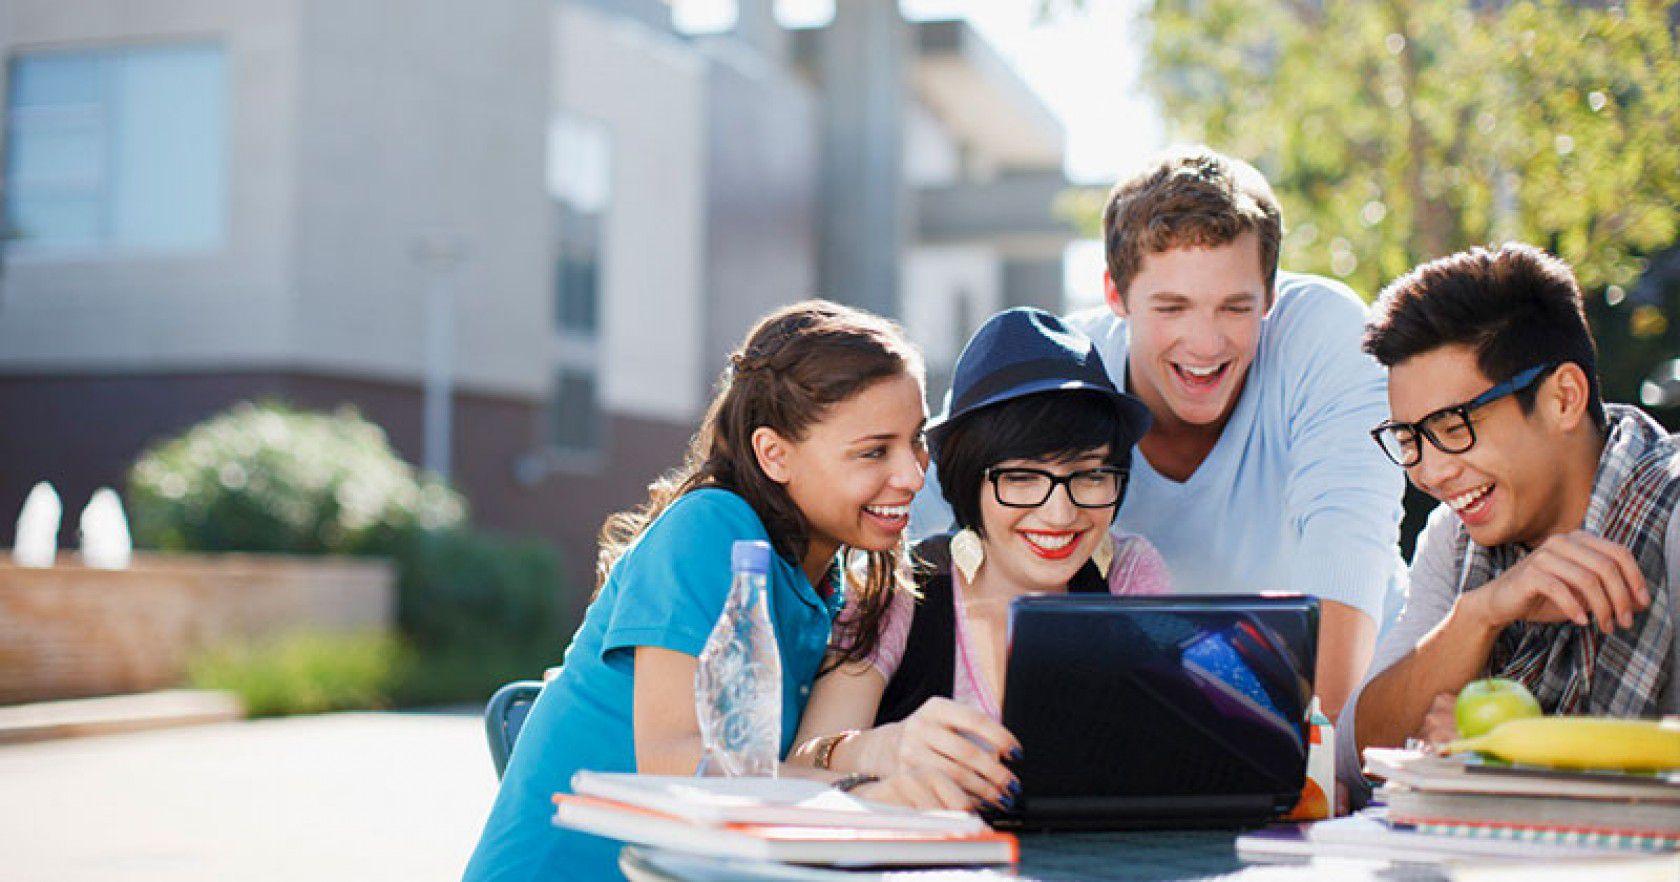 Kanada Ontario'da Özel Yatılı Lise Eğitimi Ve Kampüs Hayatı Nasıldır?